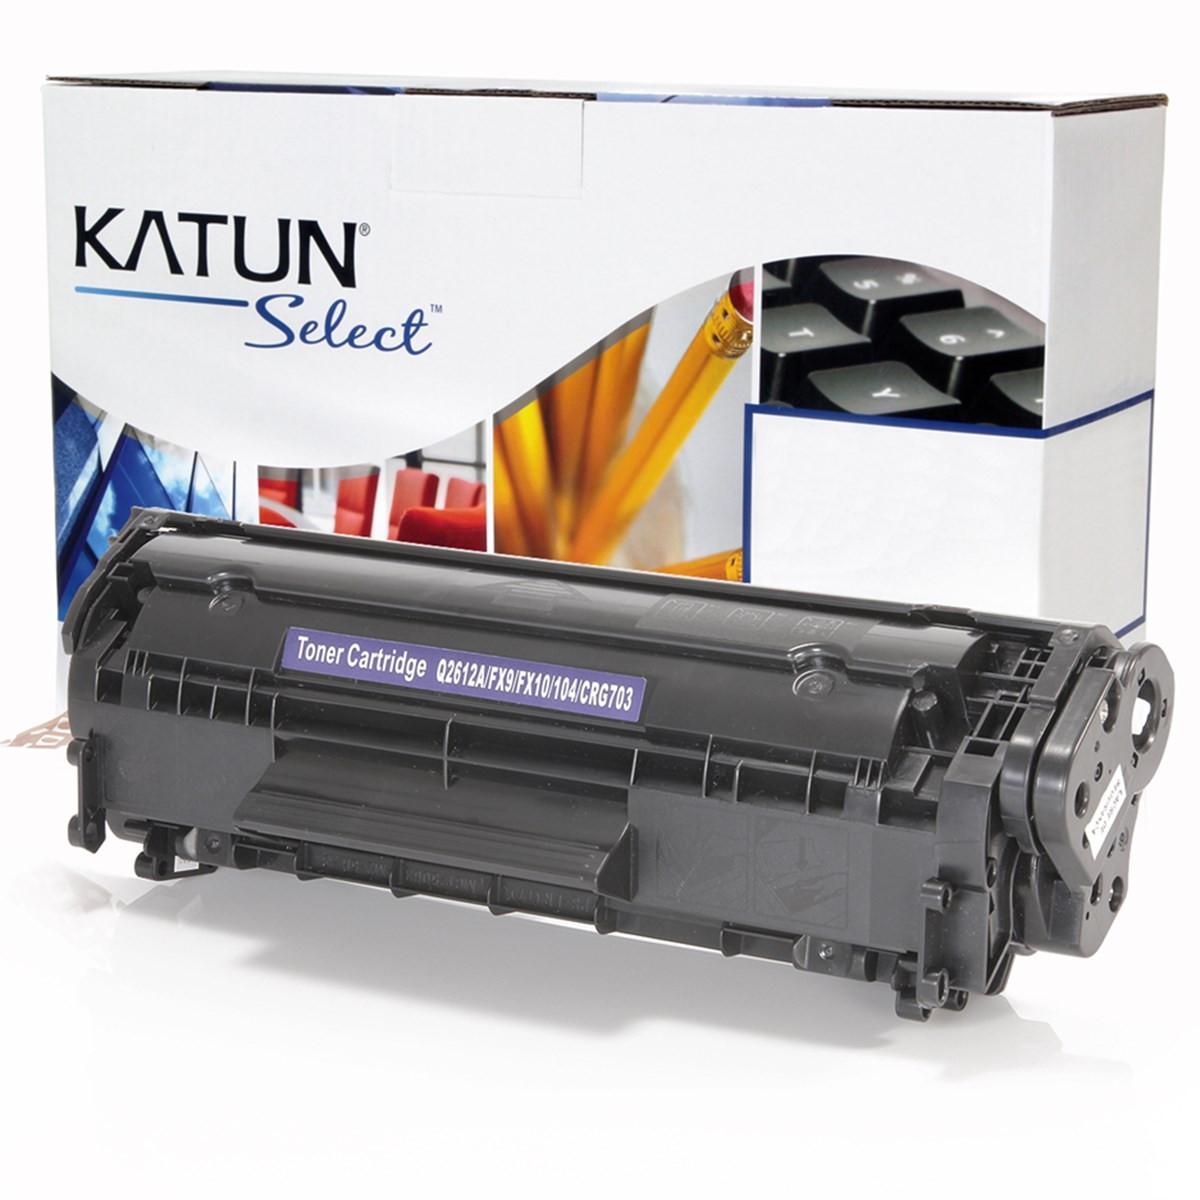 Toner Compatível com HP Q2612A Q2612AB | 1018 1020 1022 3015 3020 3050 3052 3055 | Katun Select 2k